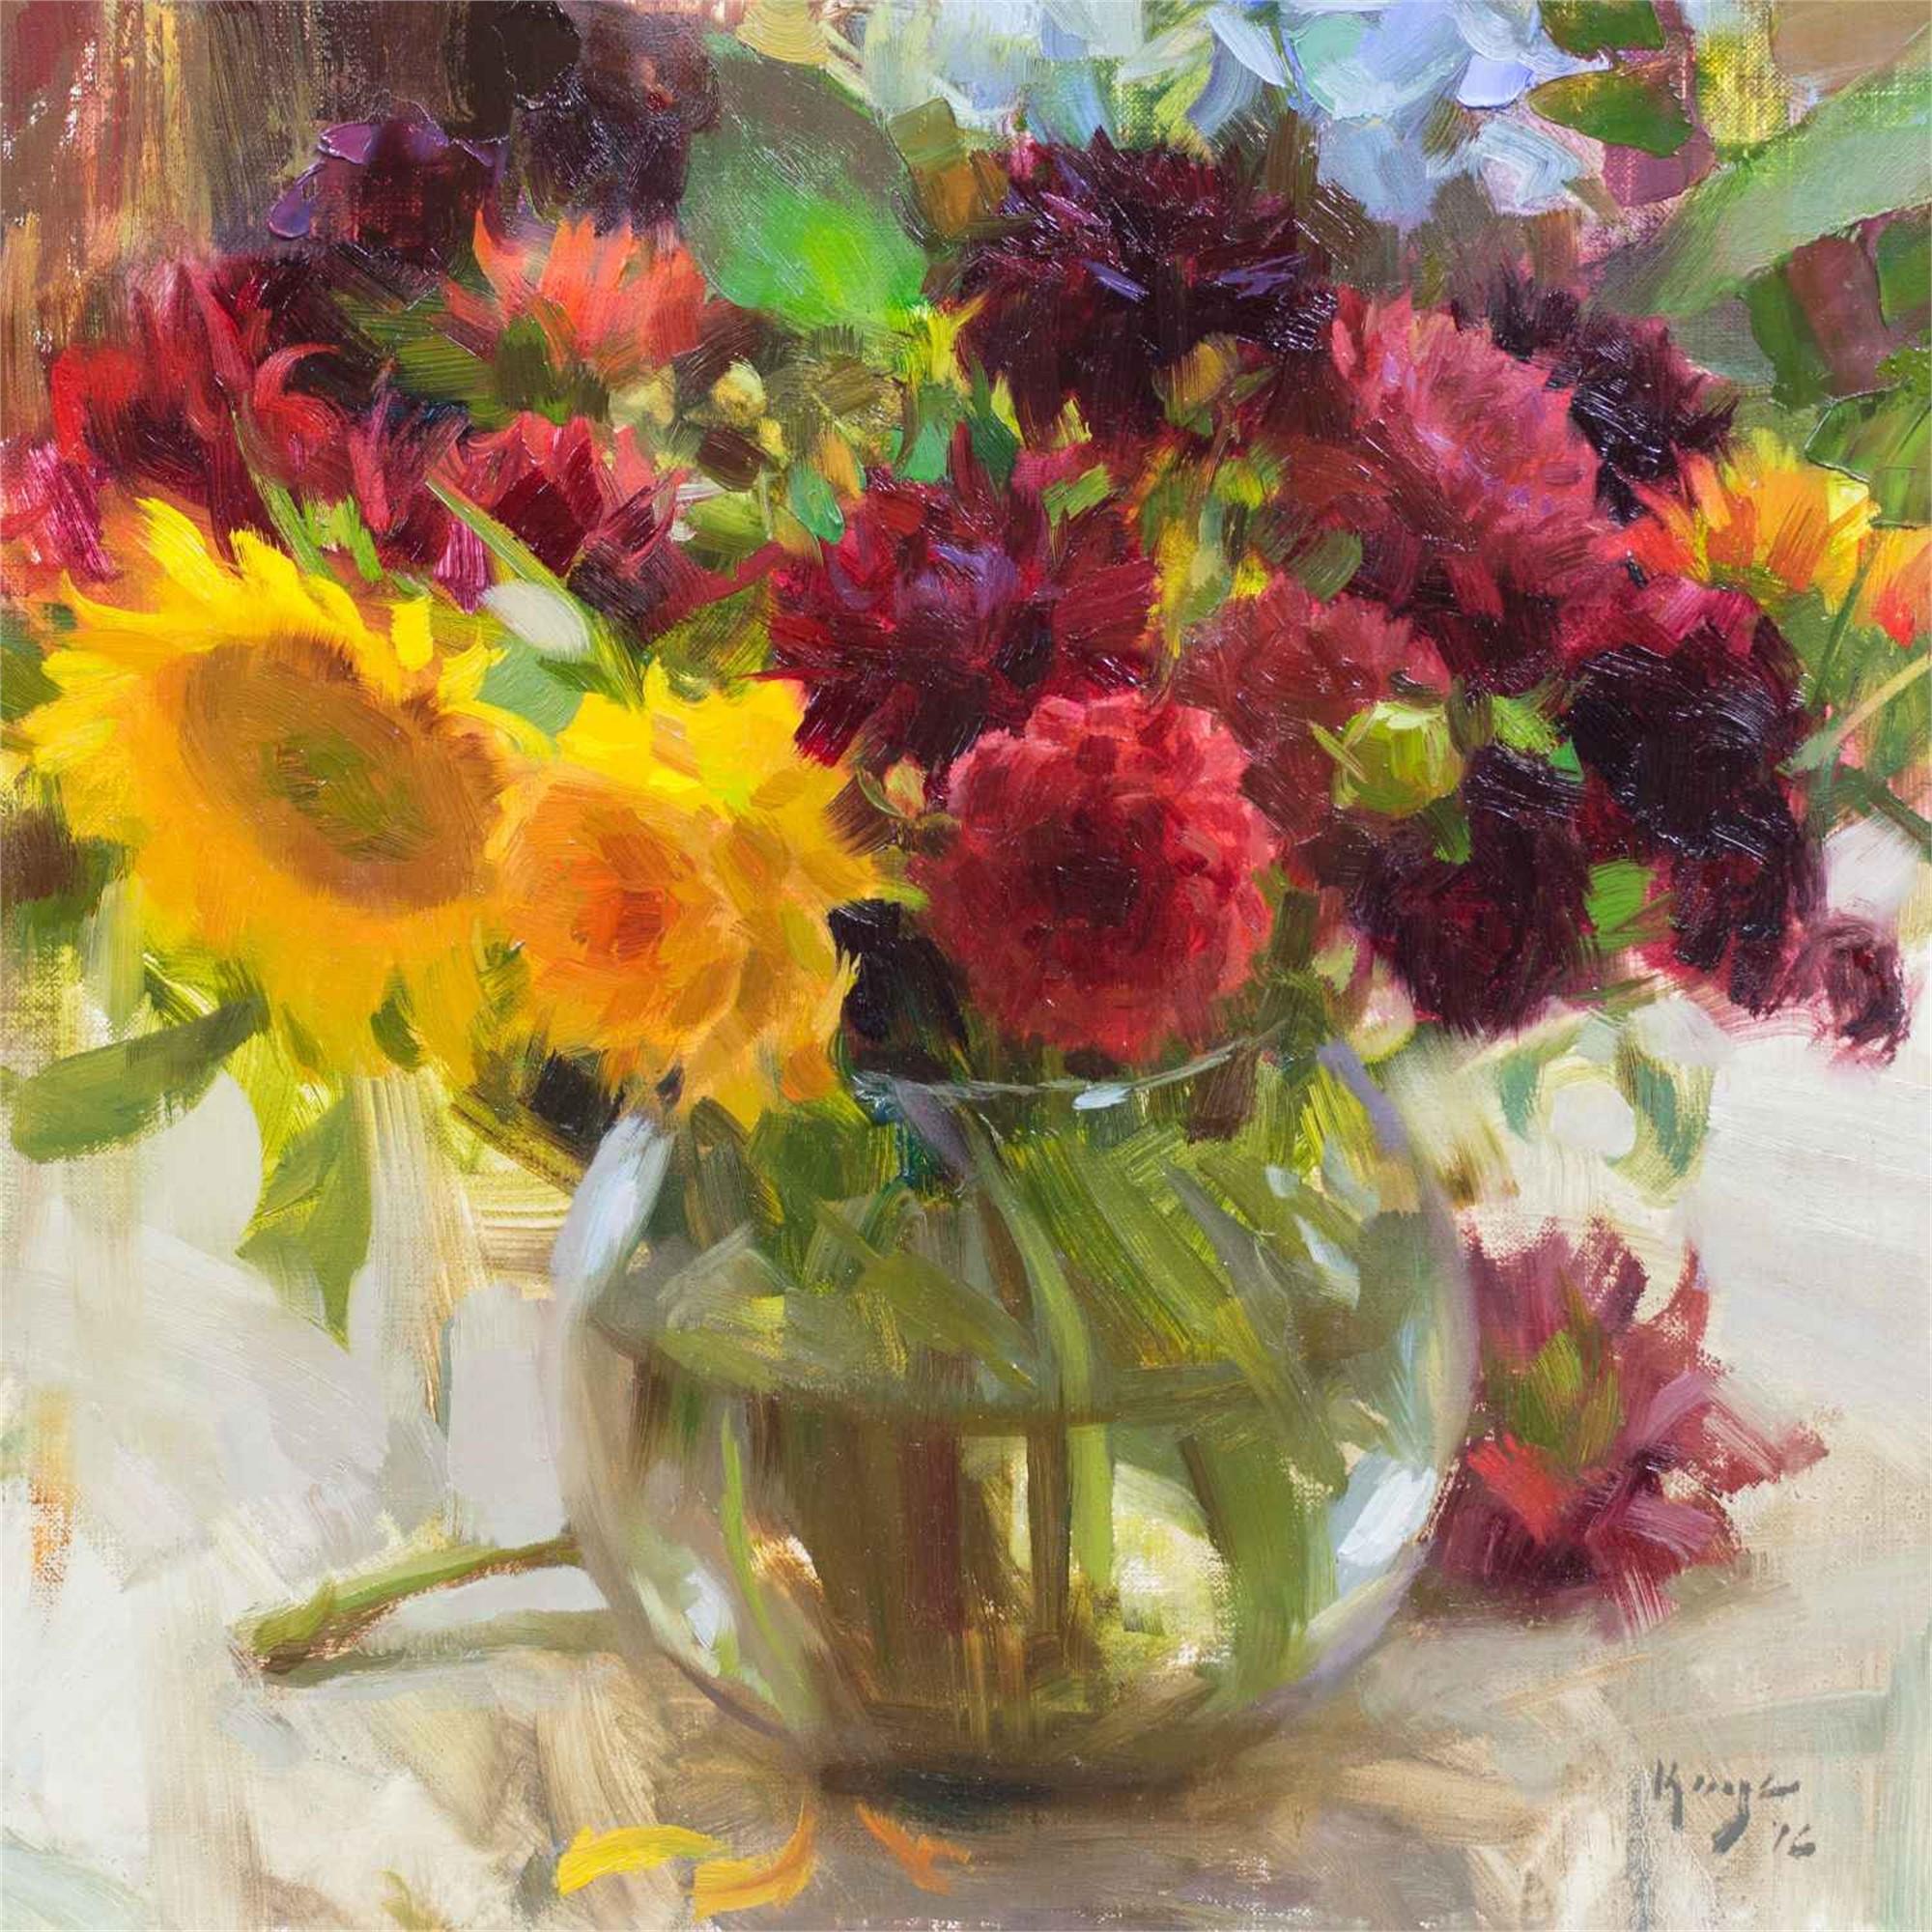 Bowl of Flowers by Daniel Keys